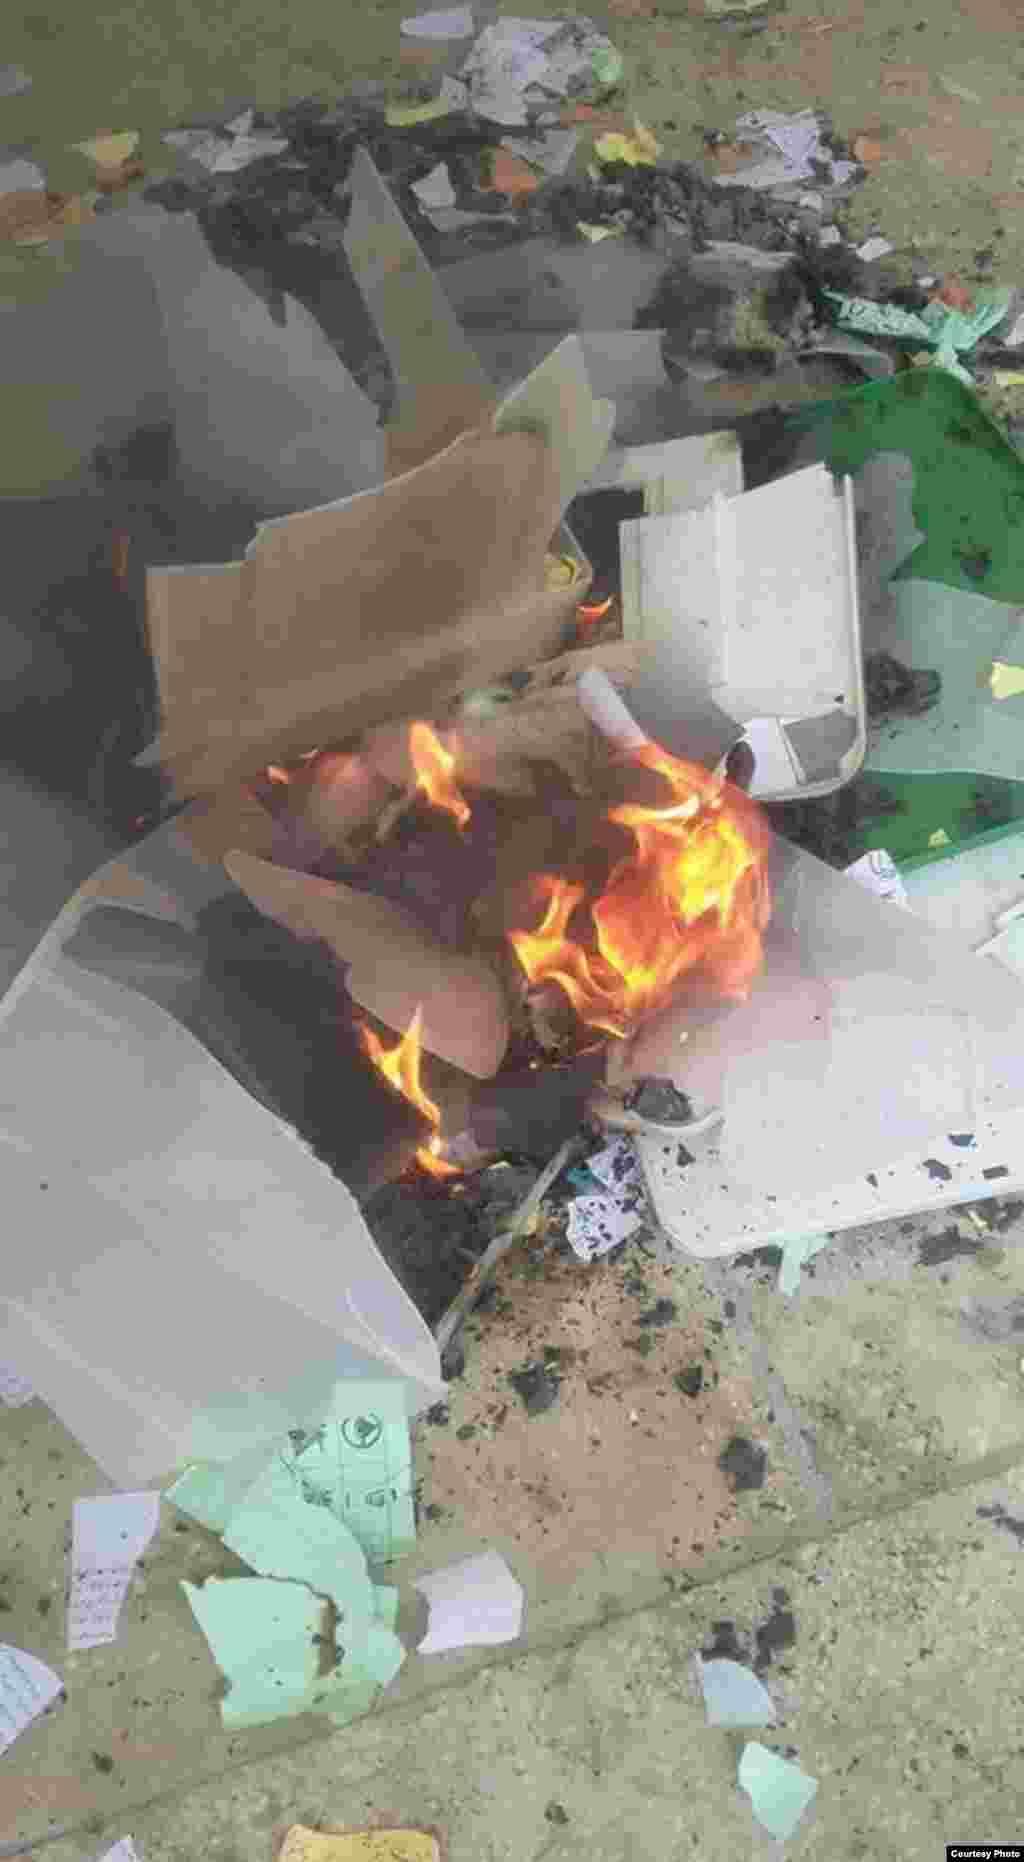 K.Pashtunkhwa: Ballot paper and ballot box burned out in Noshera. 1MAY2015